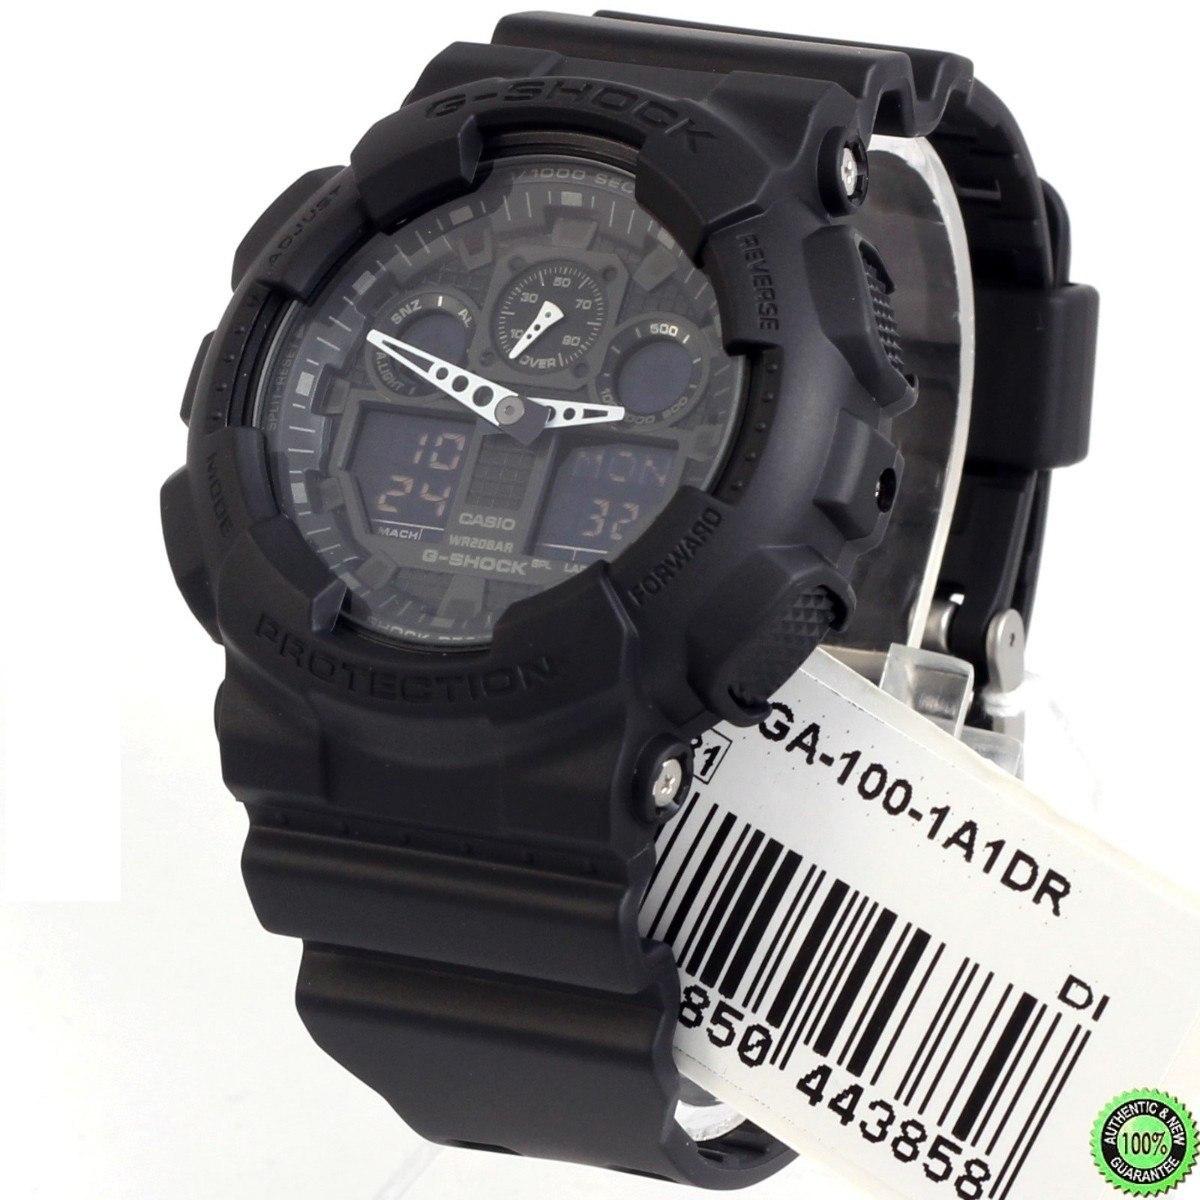 dece89c1e1a Relógio Casio Masc G-shock Ga100 1a1dr Original E Barato - R  689